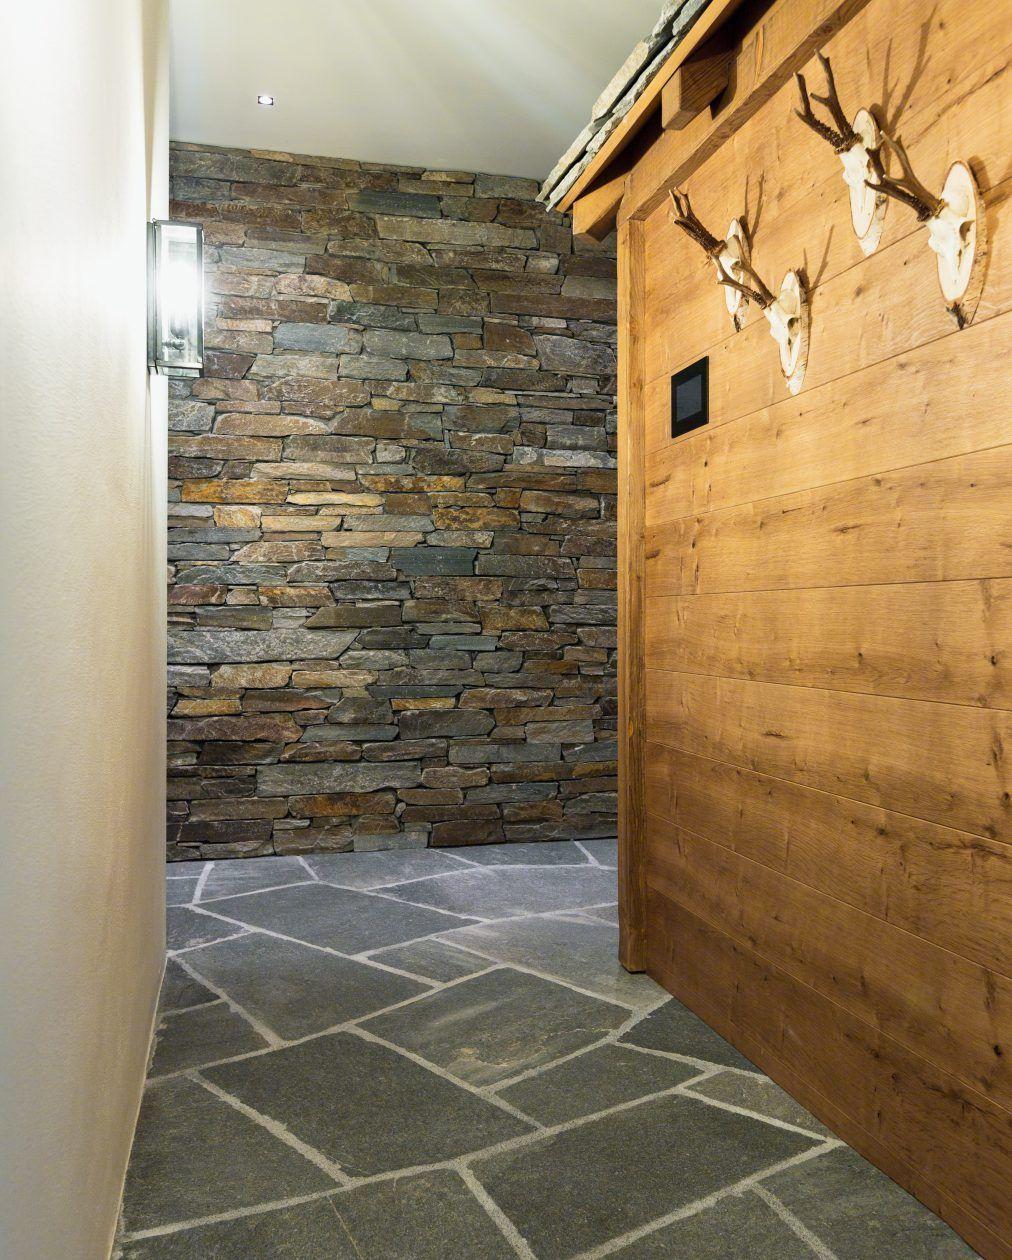 Naturstein Bodenplatten Im Wellnessbereich Und Badezimmer Natursteine Steine Badezimmer